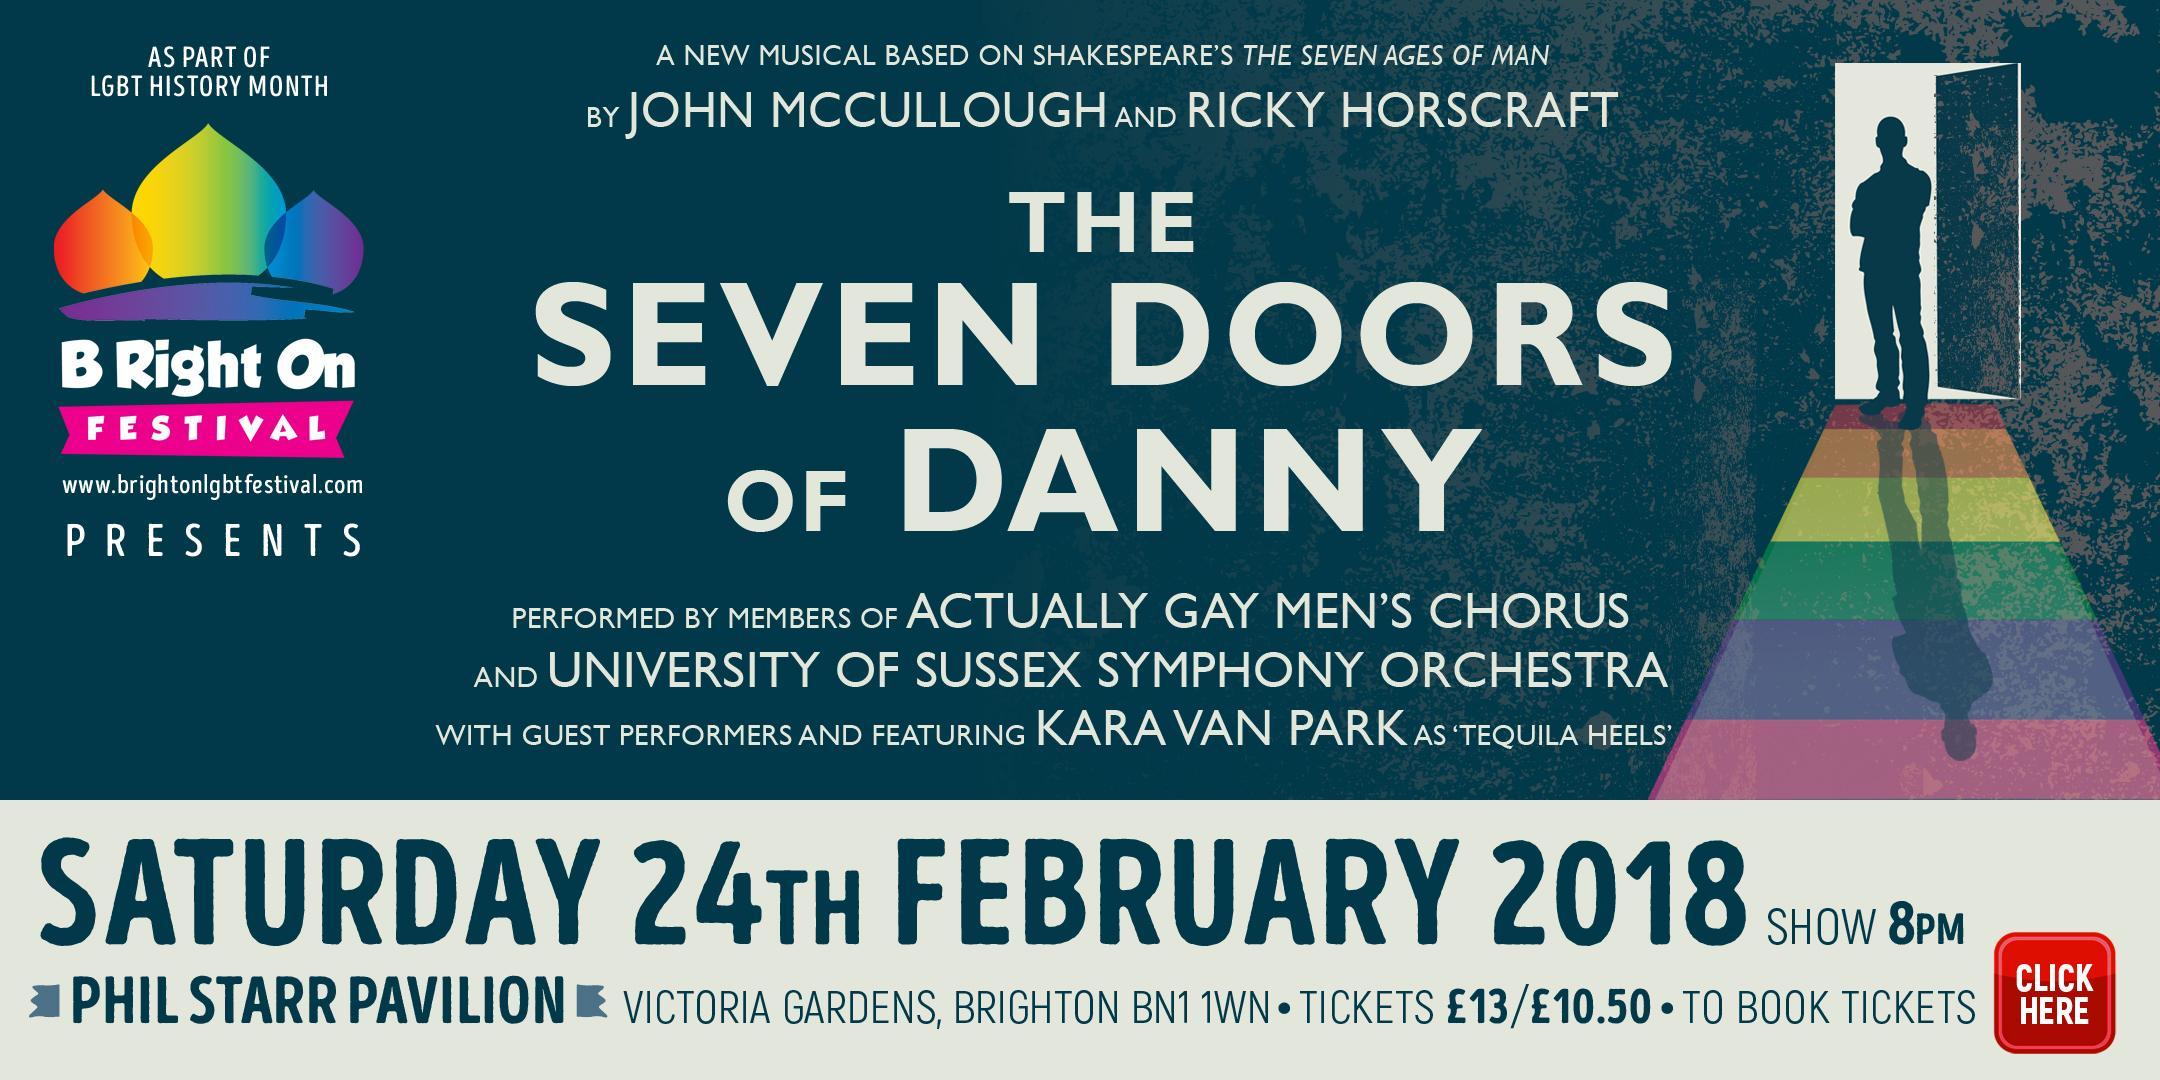 The Seven Doors Of Danny